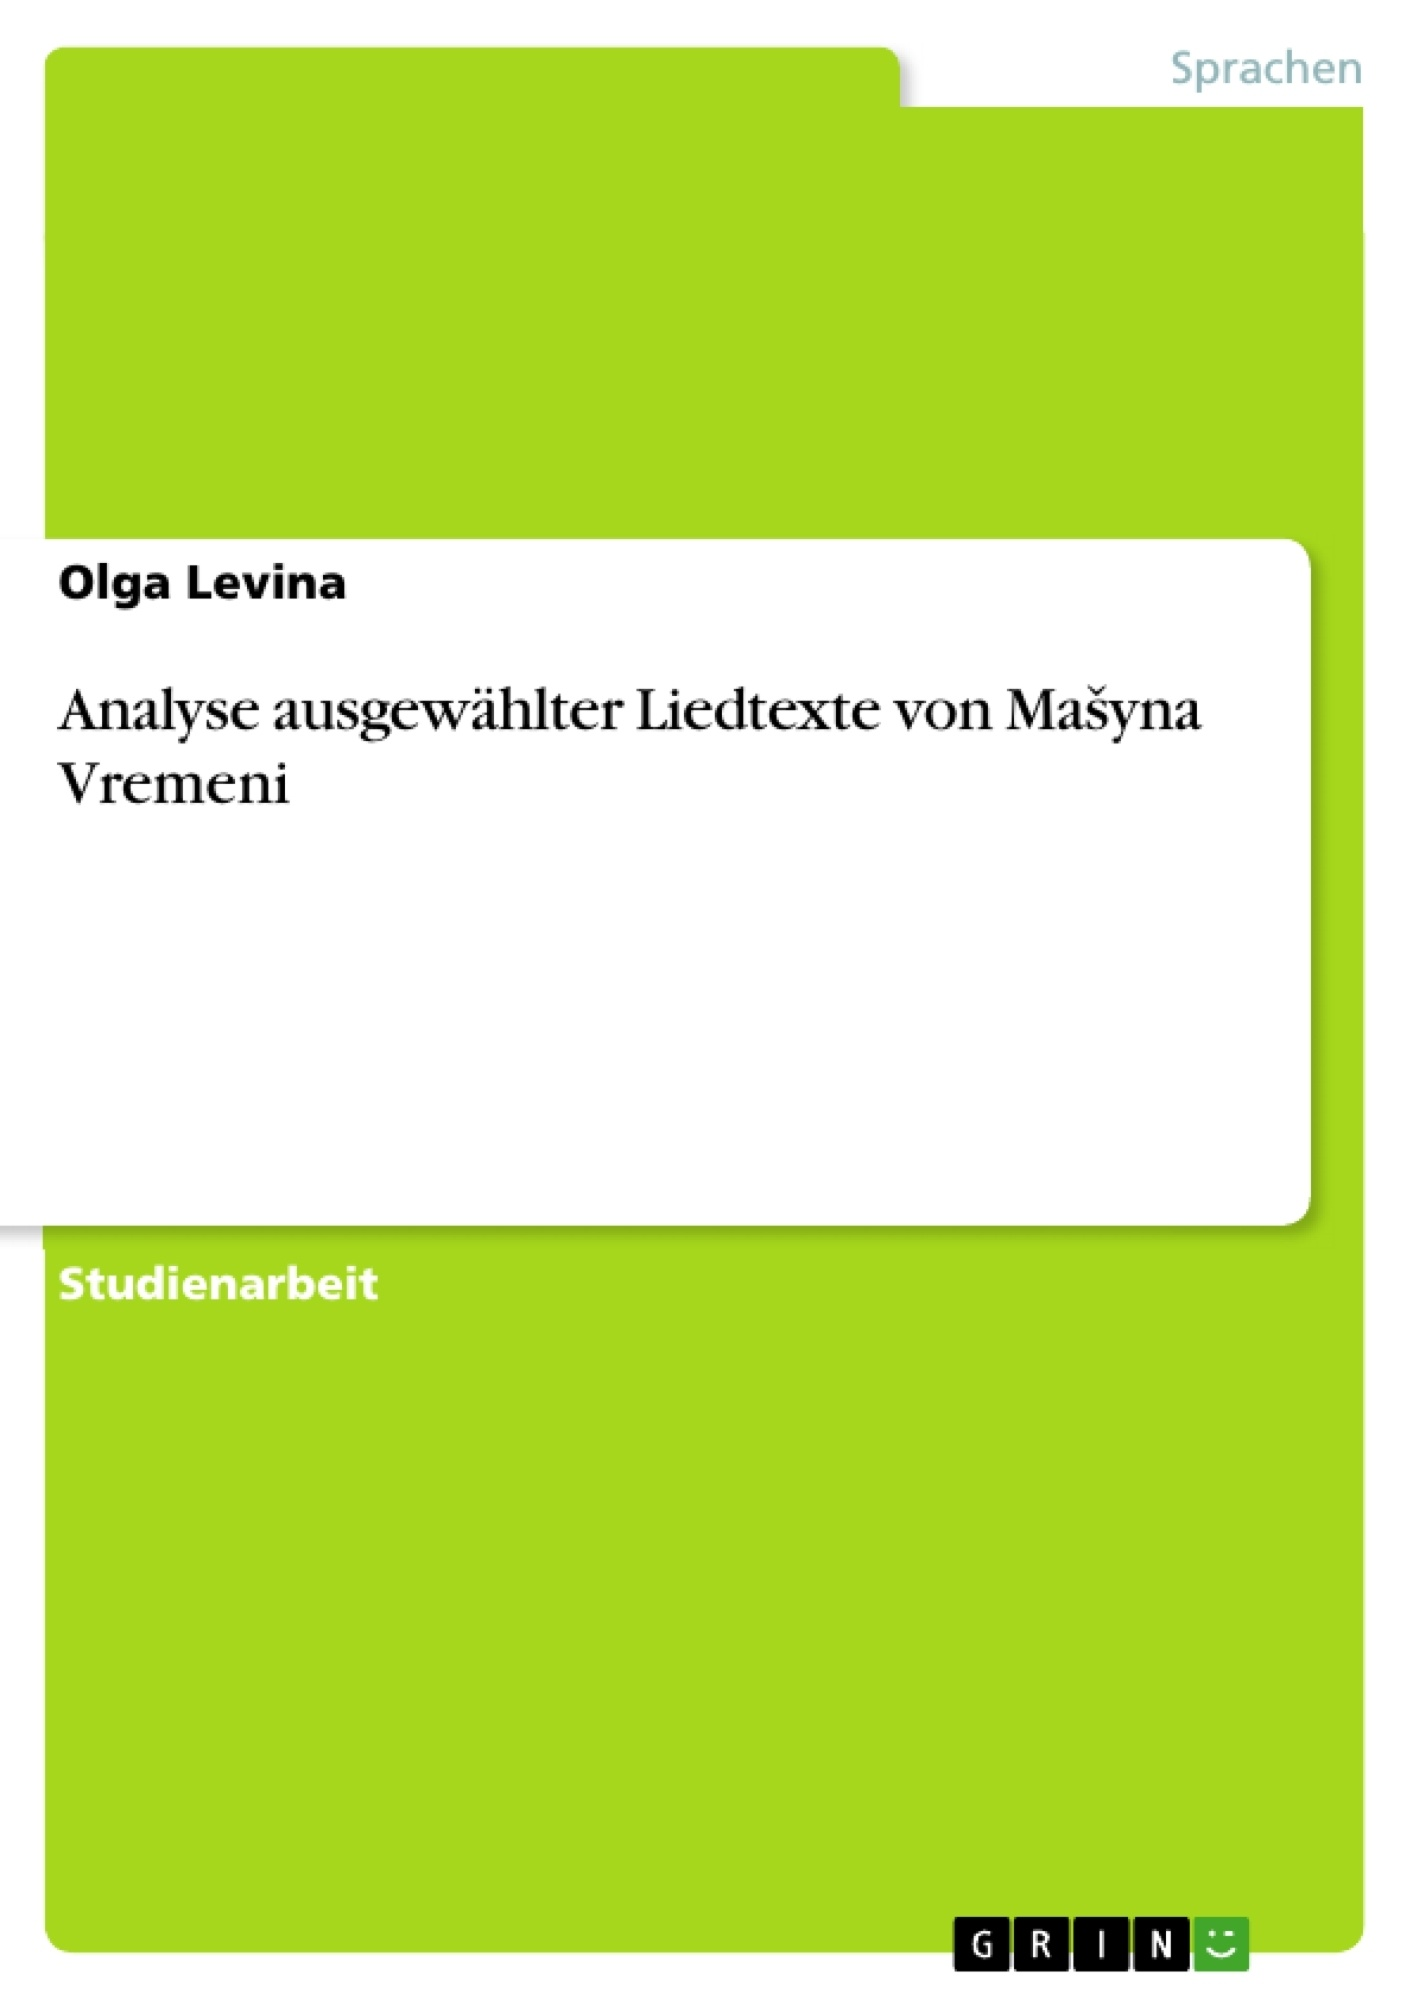 Titel: Analyse ausgewählter Liedtexte von Mašyna Vremeni